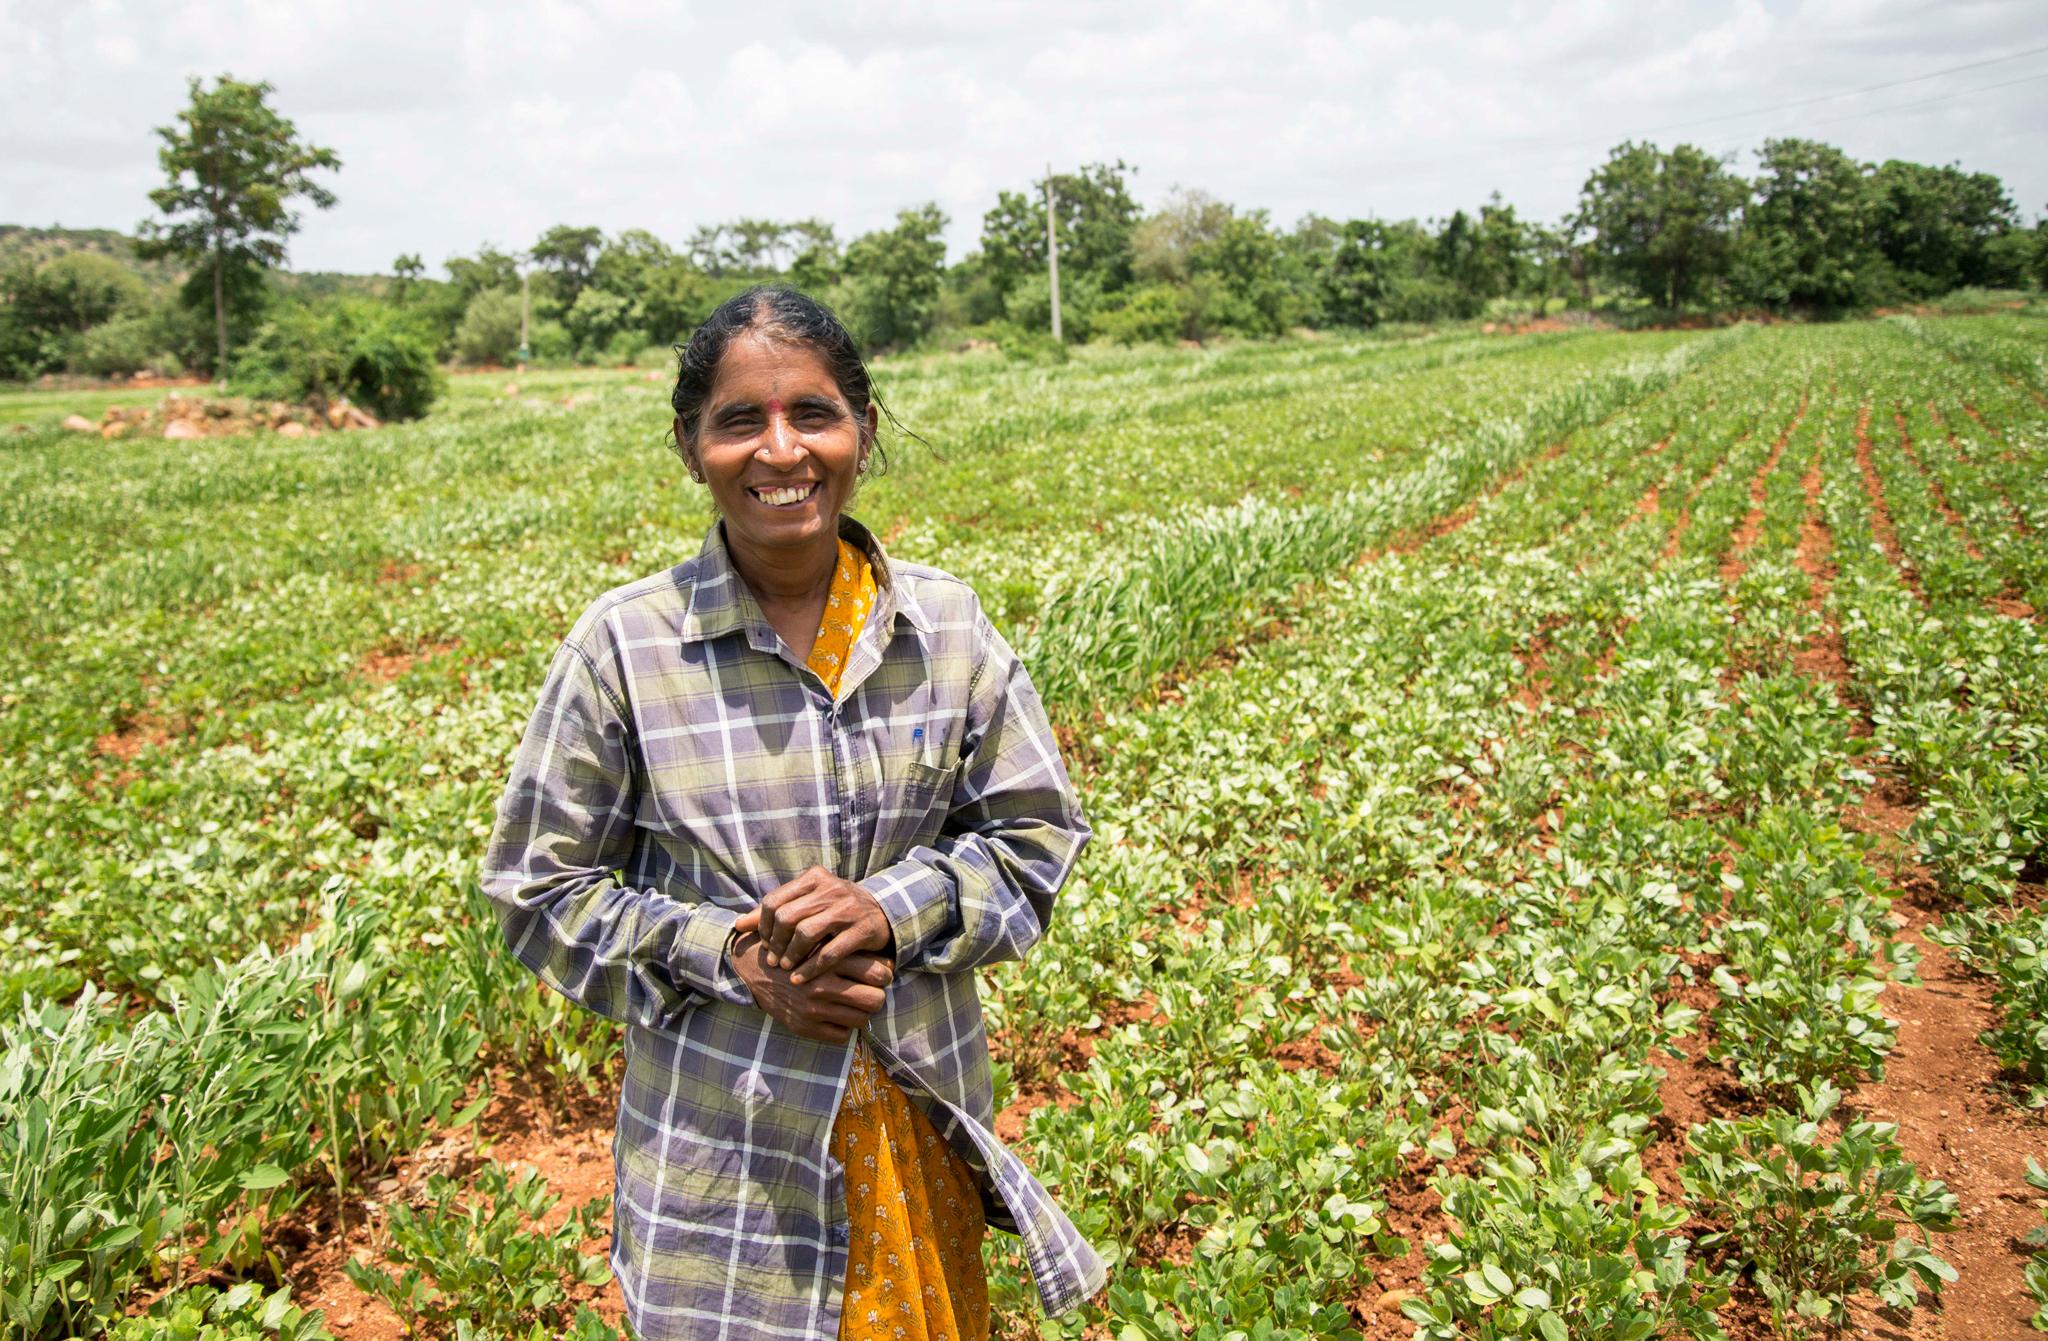 Rameswari Devi at her field in Devanakonda, Andhra Pradesh.